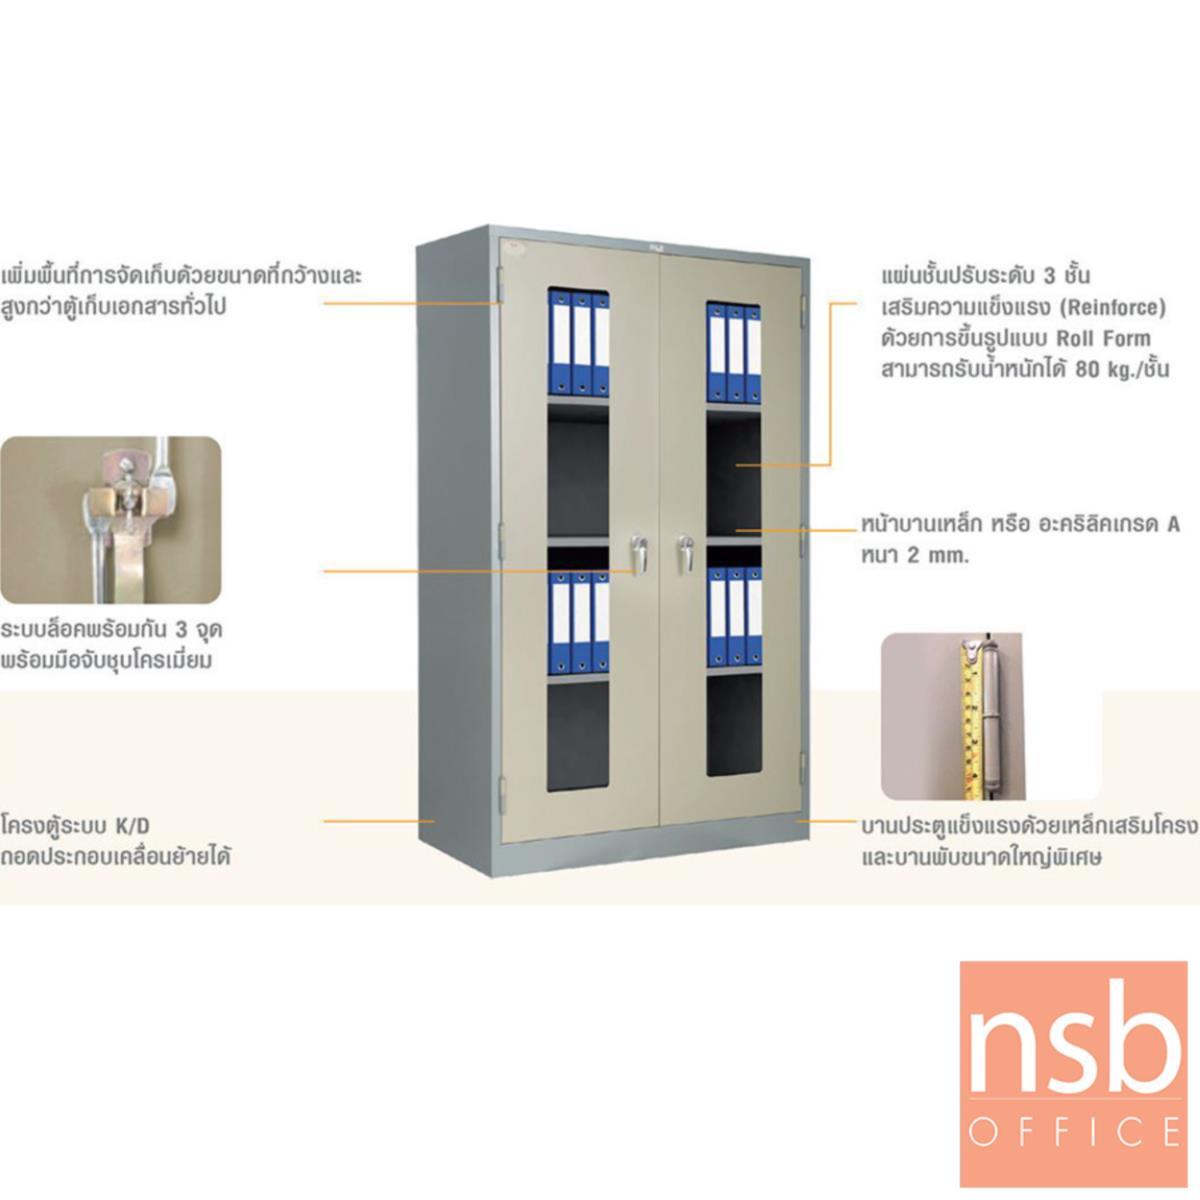 ตู้เหล็กอุตสาหกรรม บานเปิดอะคิลิค 122.2W*61.1D*198.2H cm รุ่น CB78BWK-99 (รับน้ำหนัก 80 KG/ชั้น)